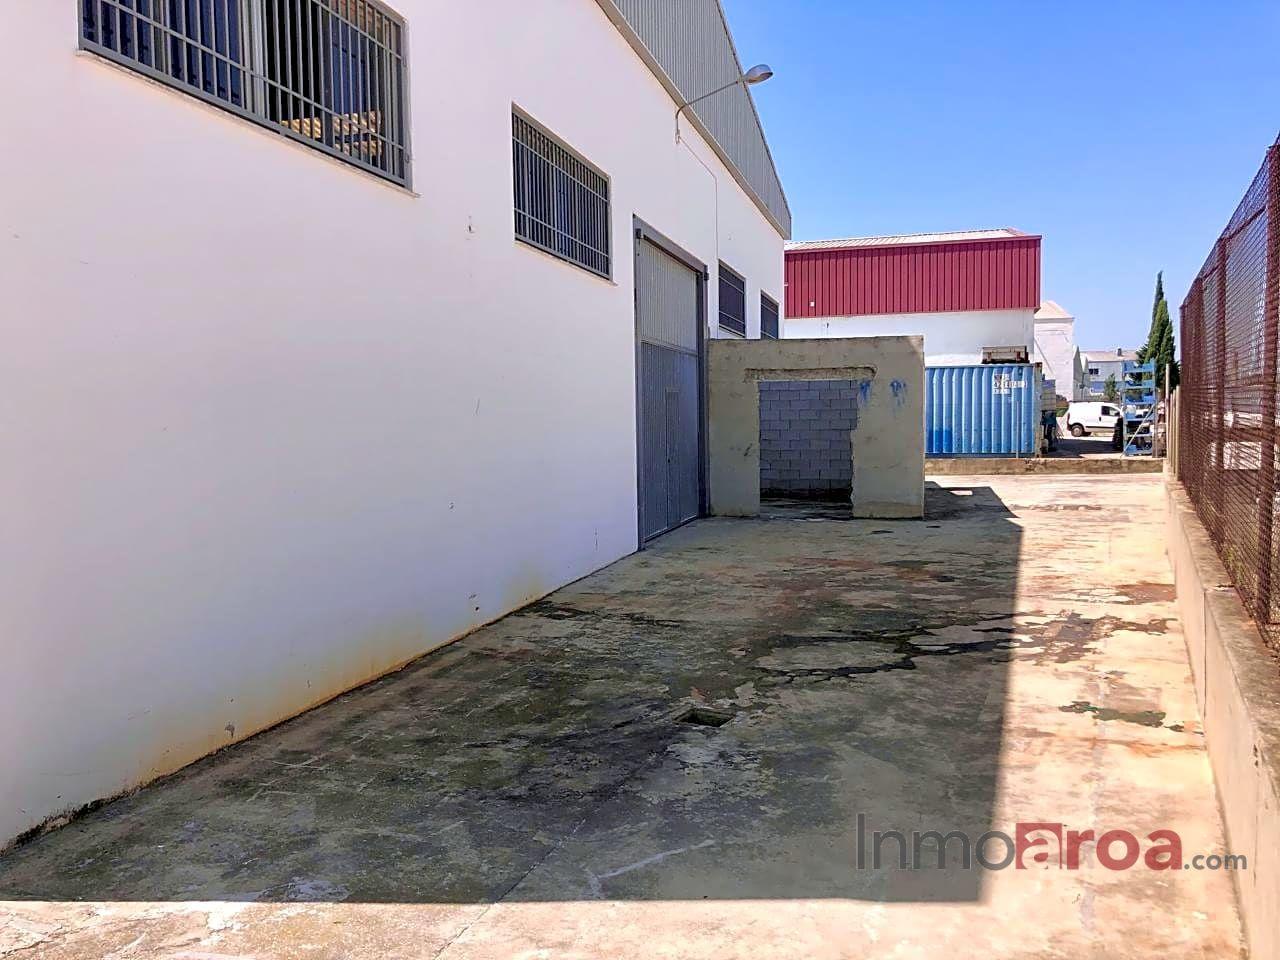 Location Bâtiment à usage industriel  Poligono industrial n.6. Oportunidad!!! en alquiler, nave industrial tipo c, en el poligo